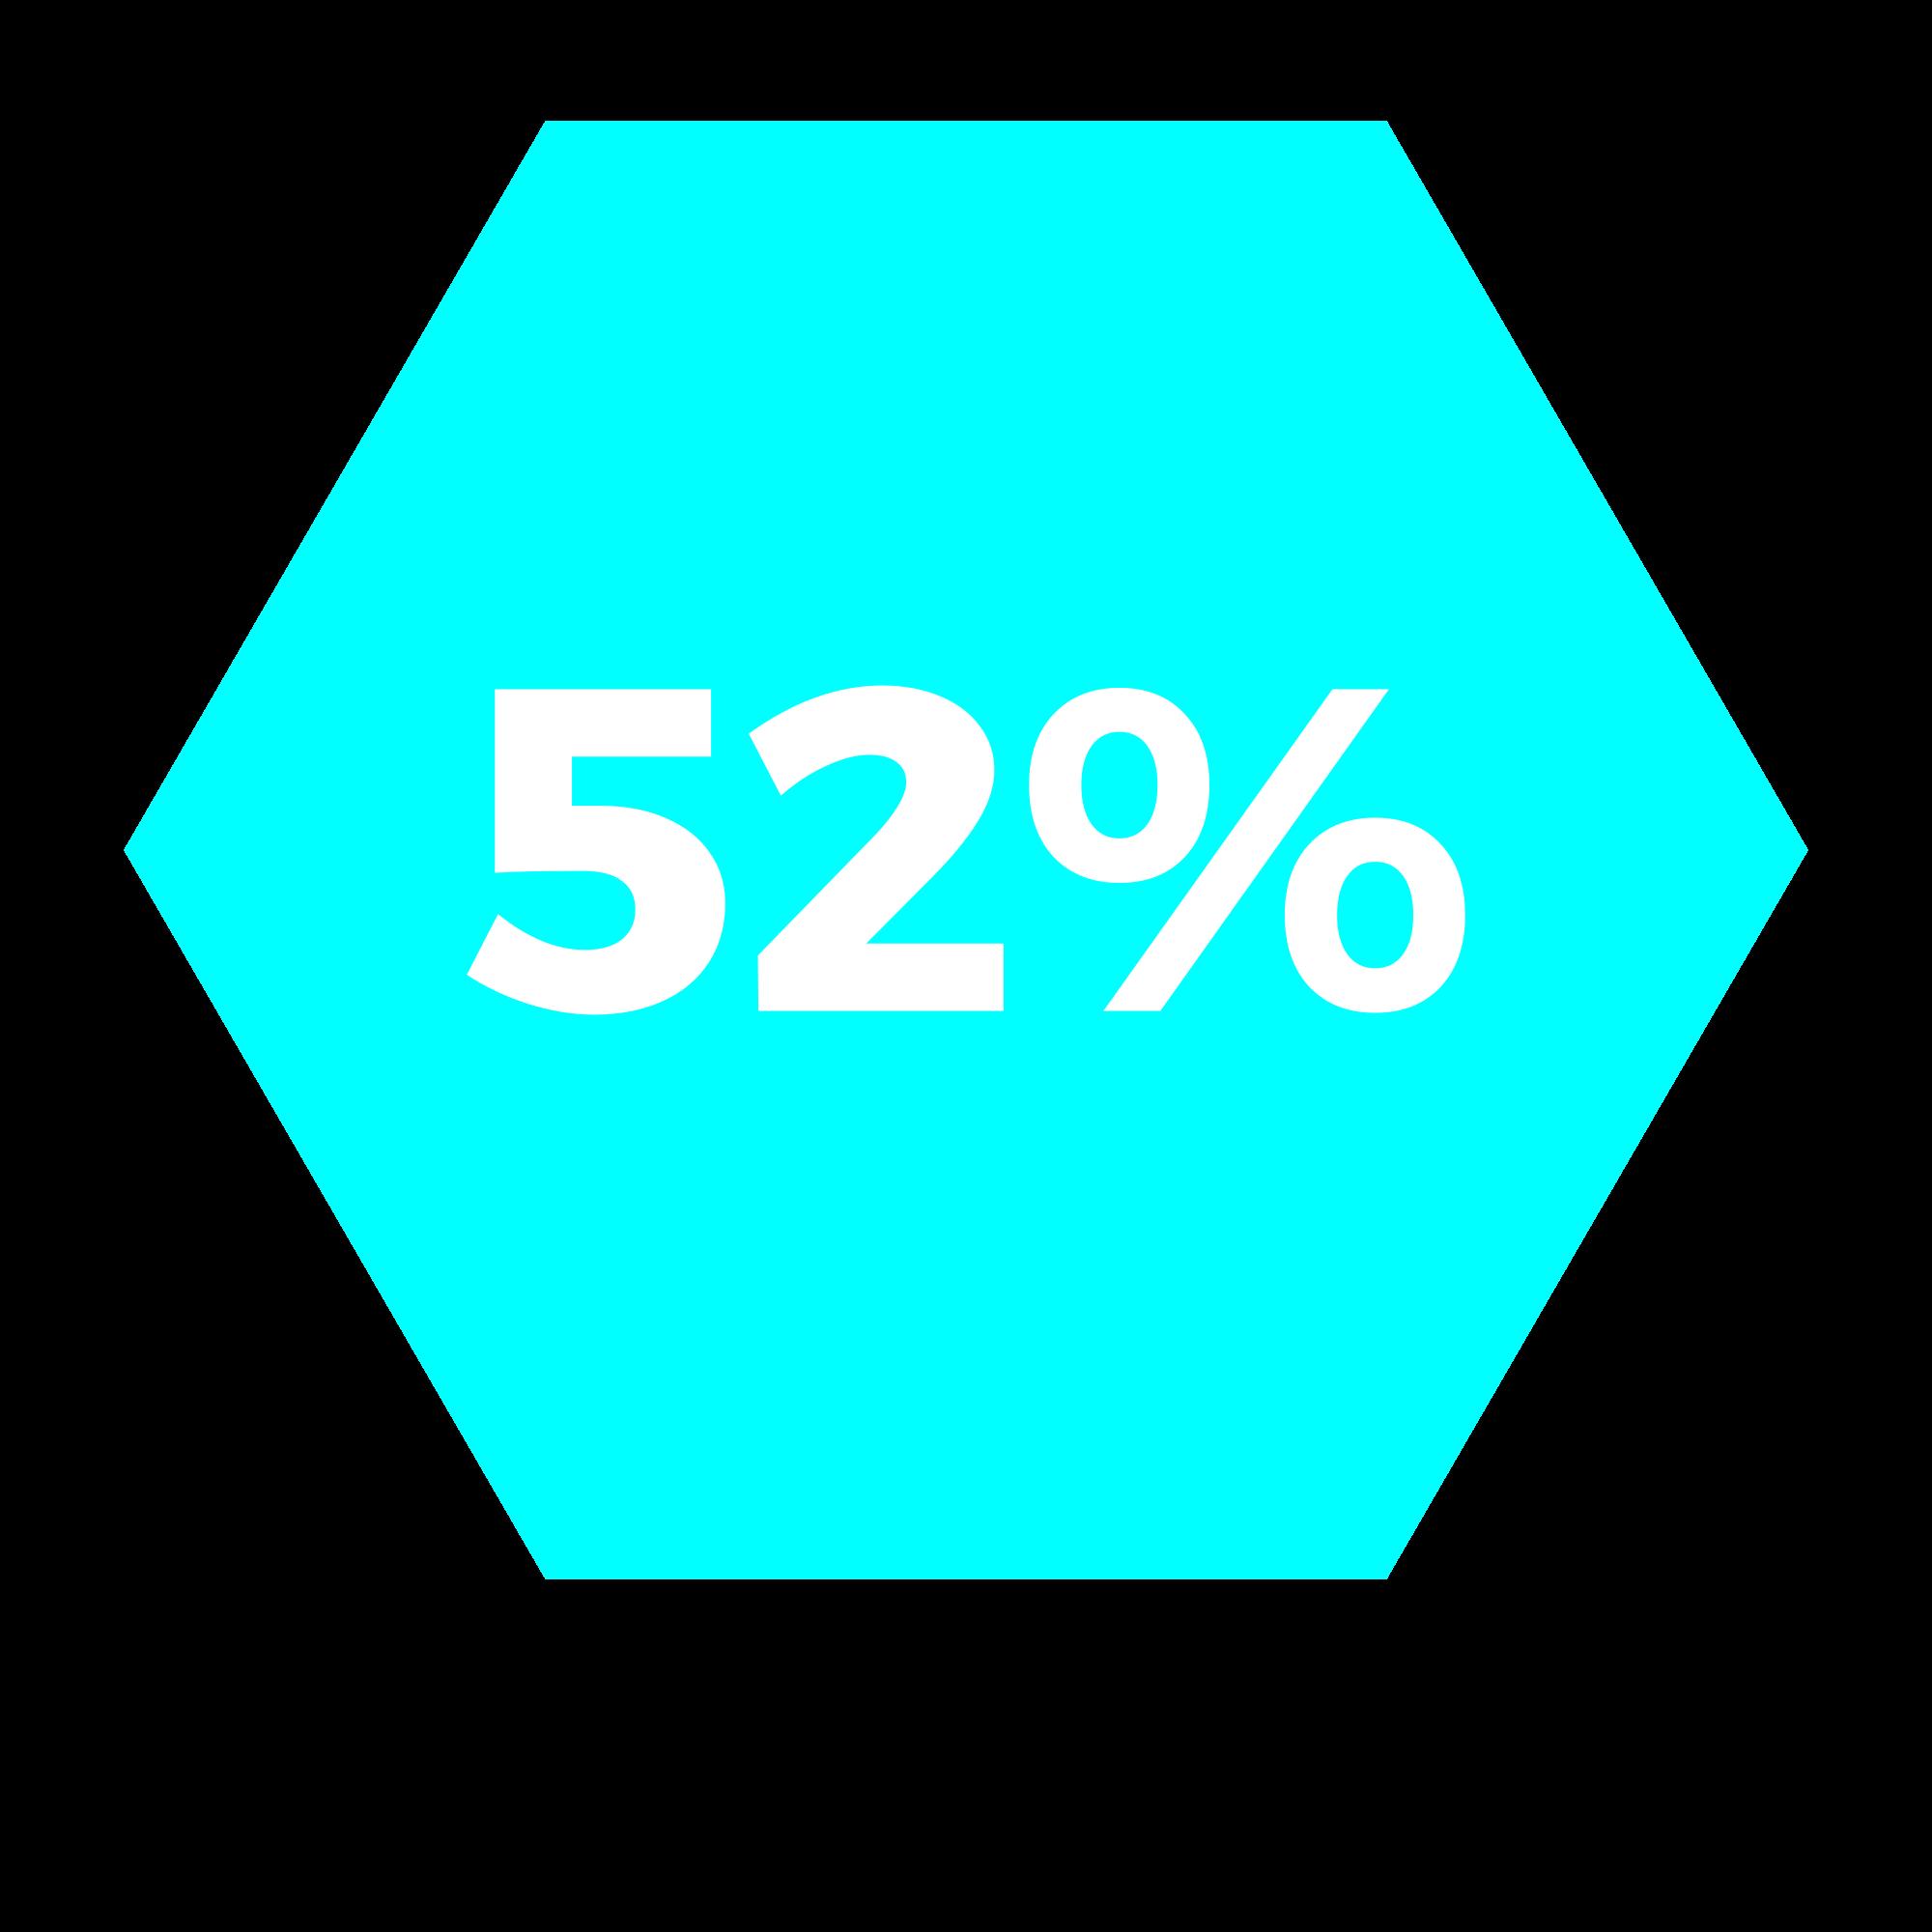 52% infra e supra-estrutura